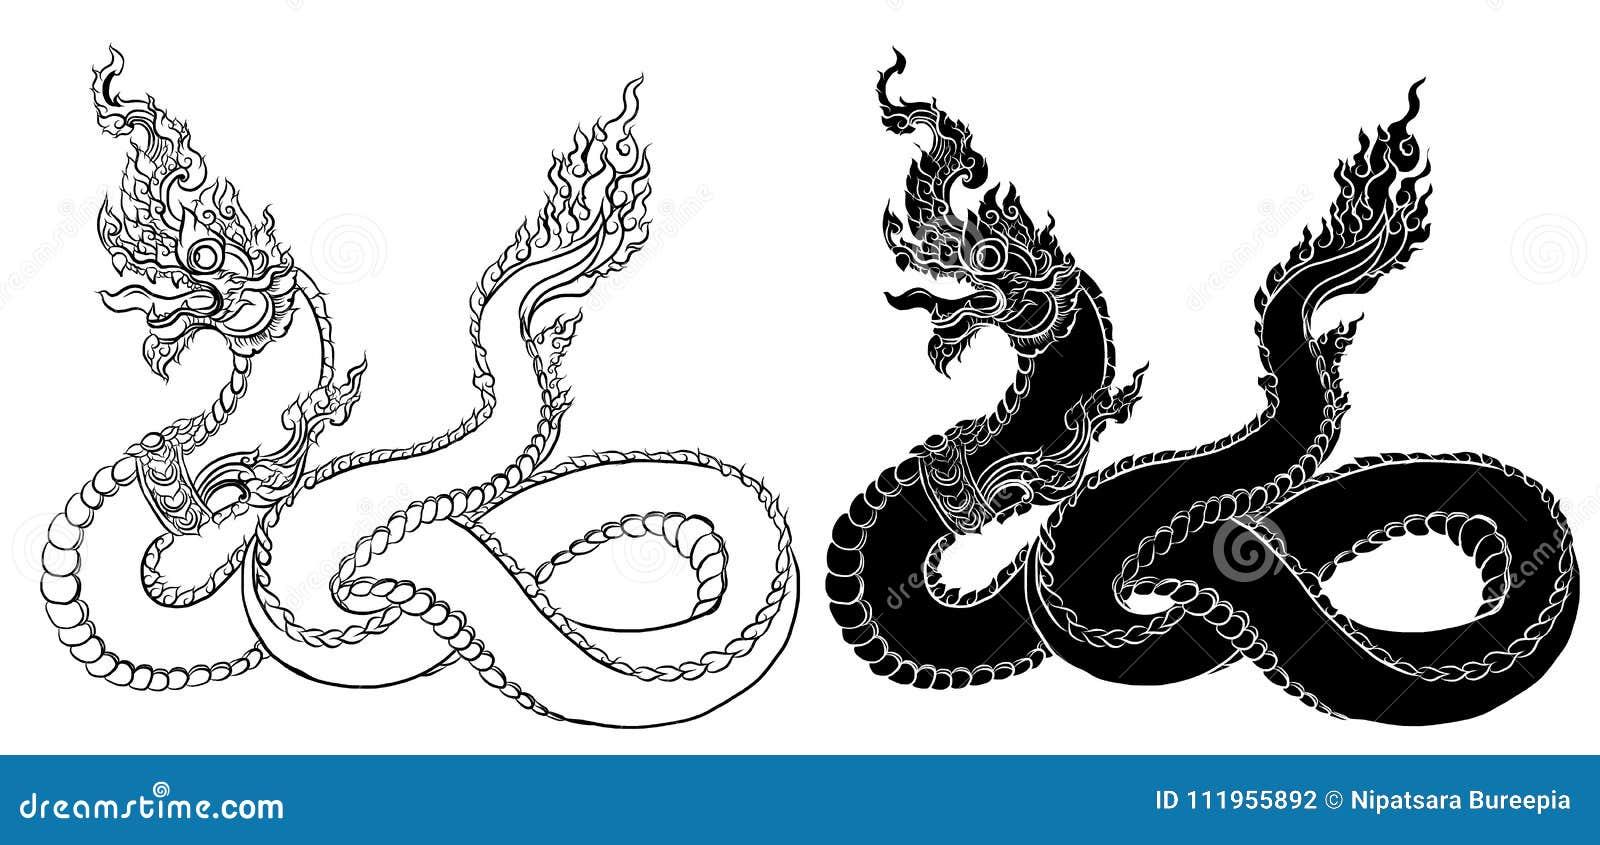 O dragão tailandês tirado mão na água, alinha tailandês é projeto do estilo e da tatuagem de Tailândia